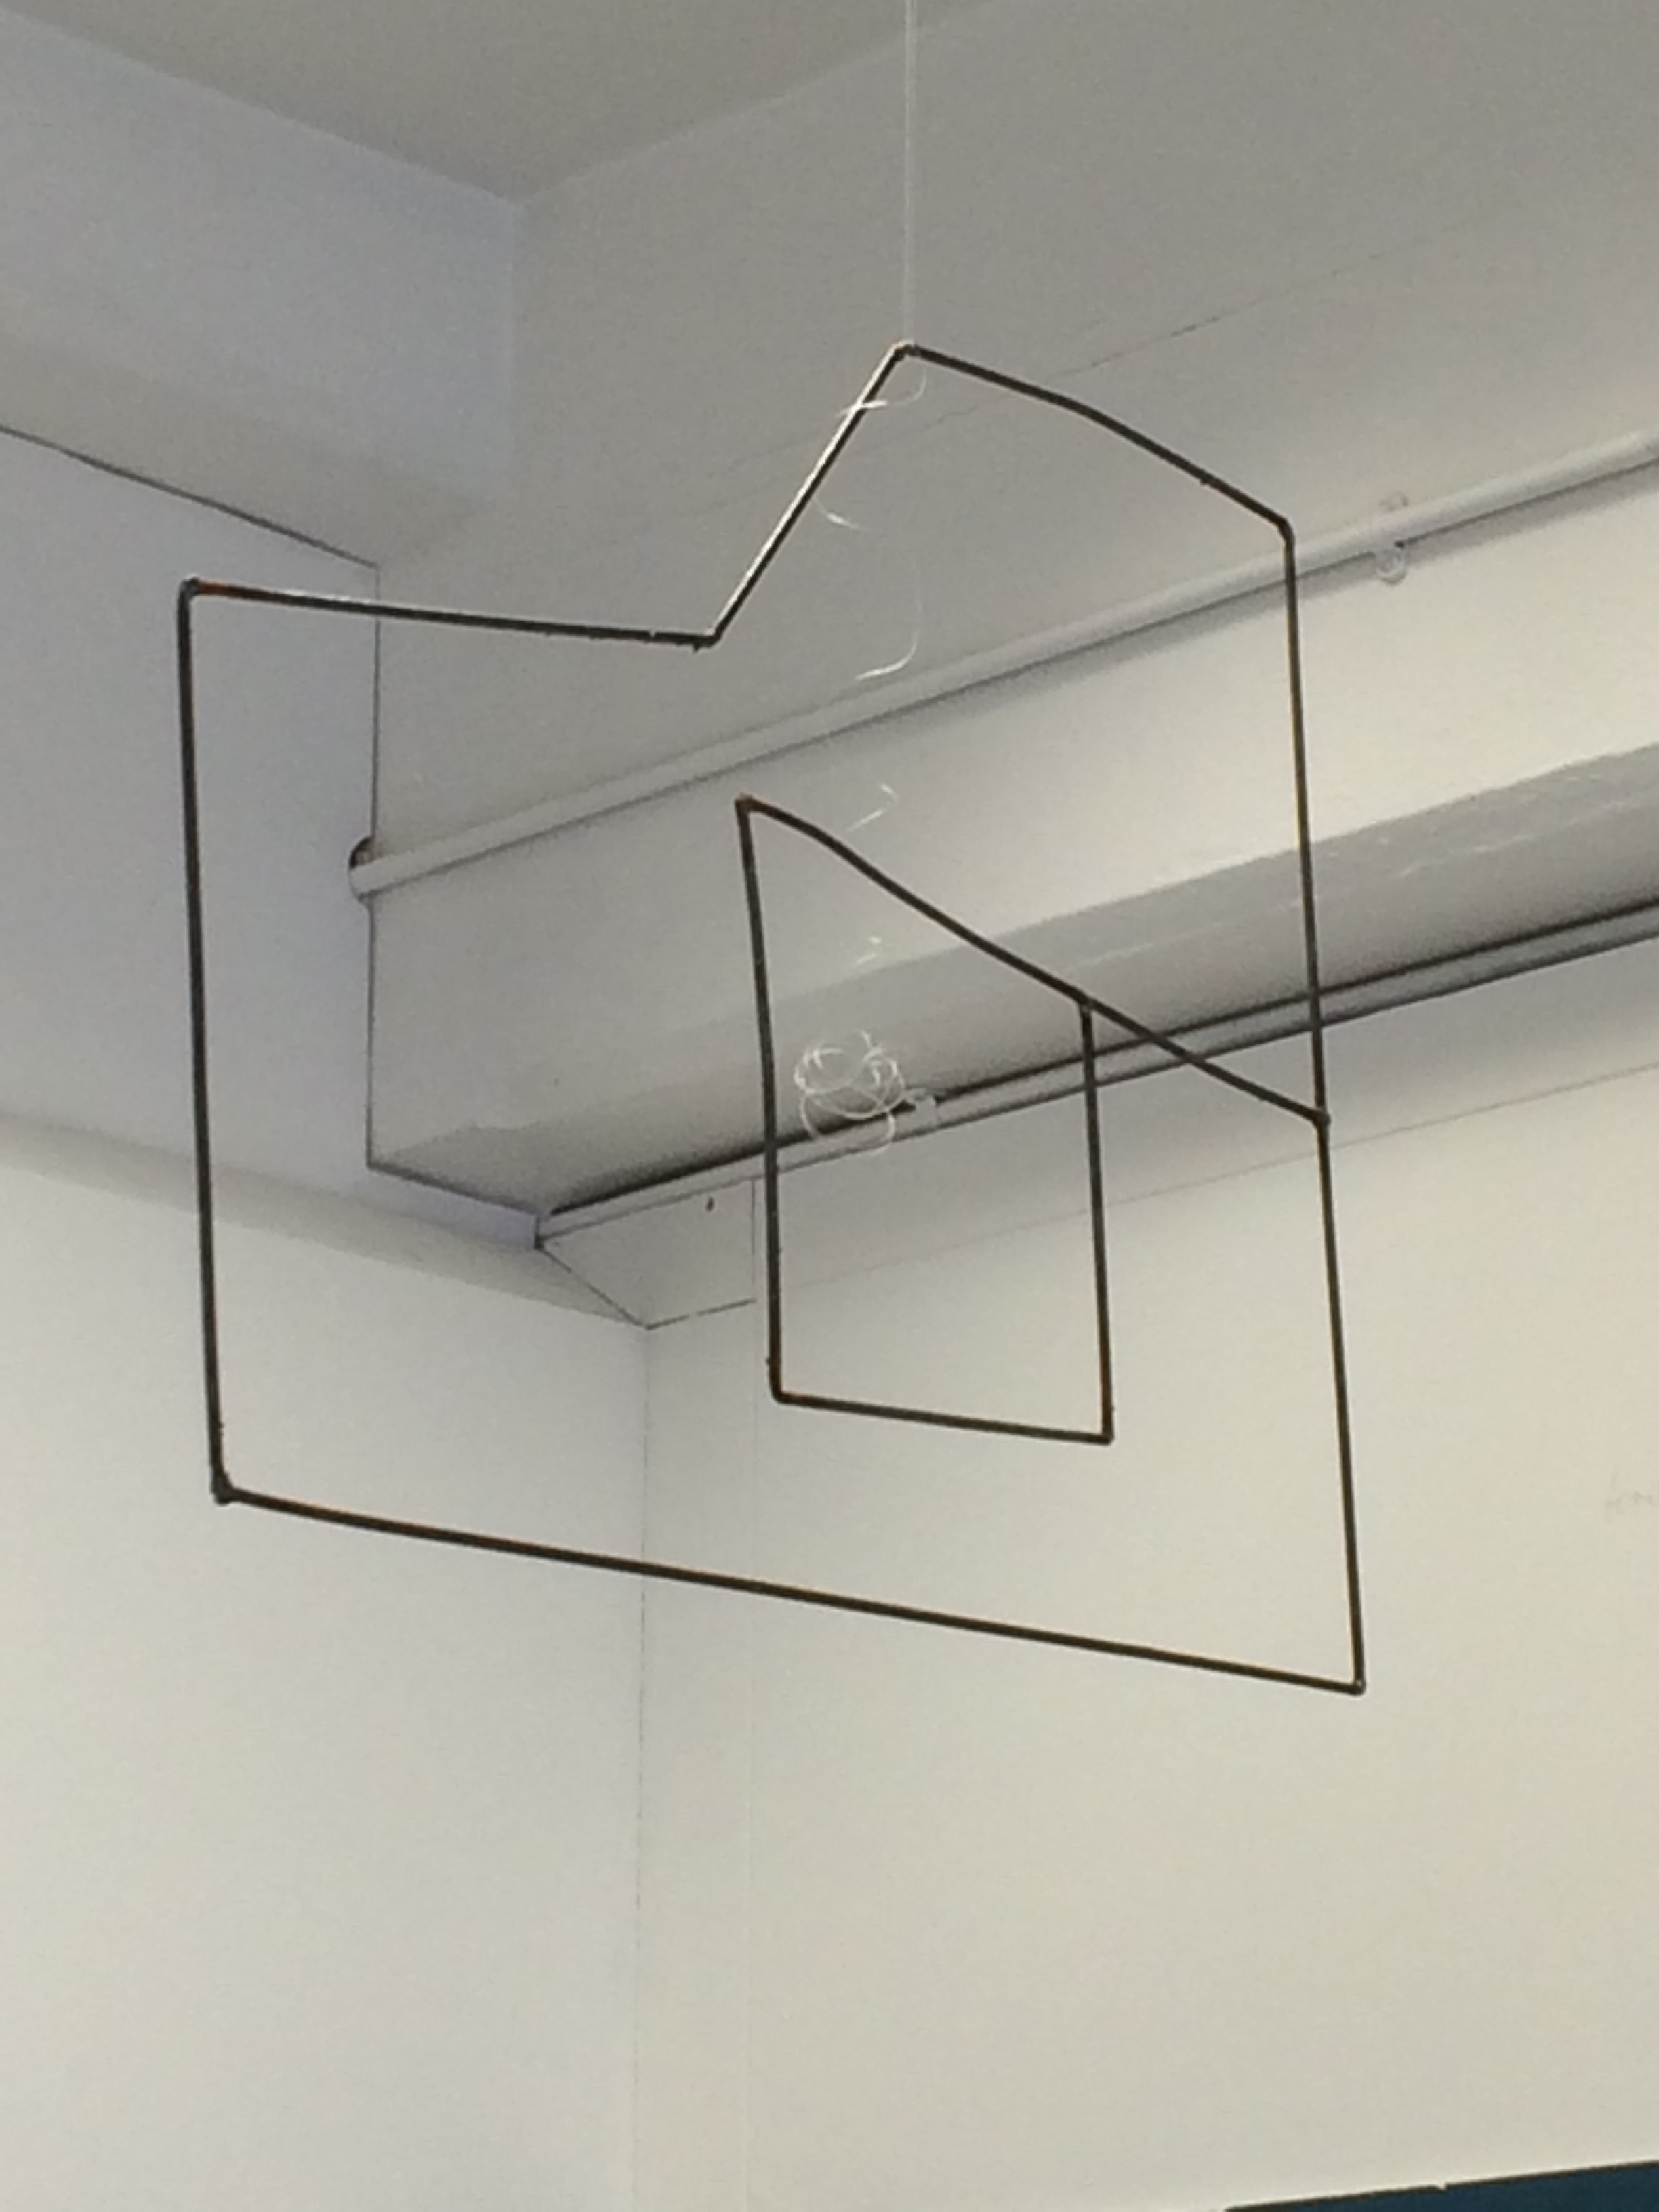 Welded piece hanging unpainted